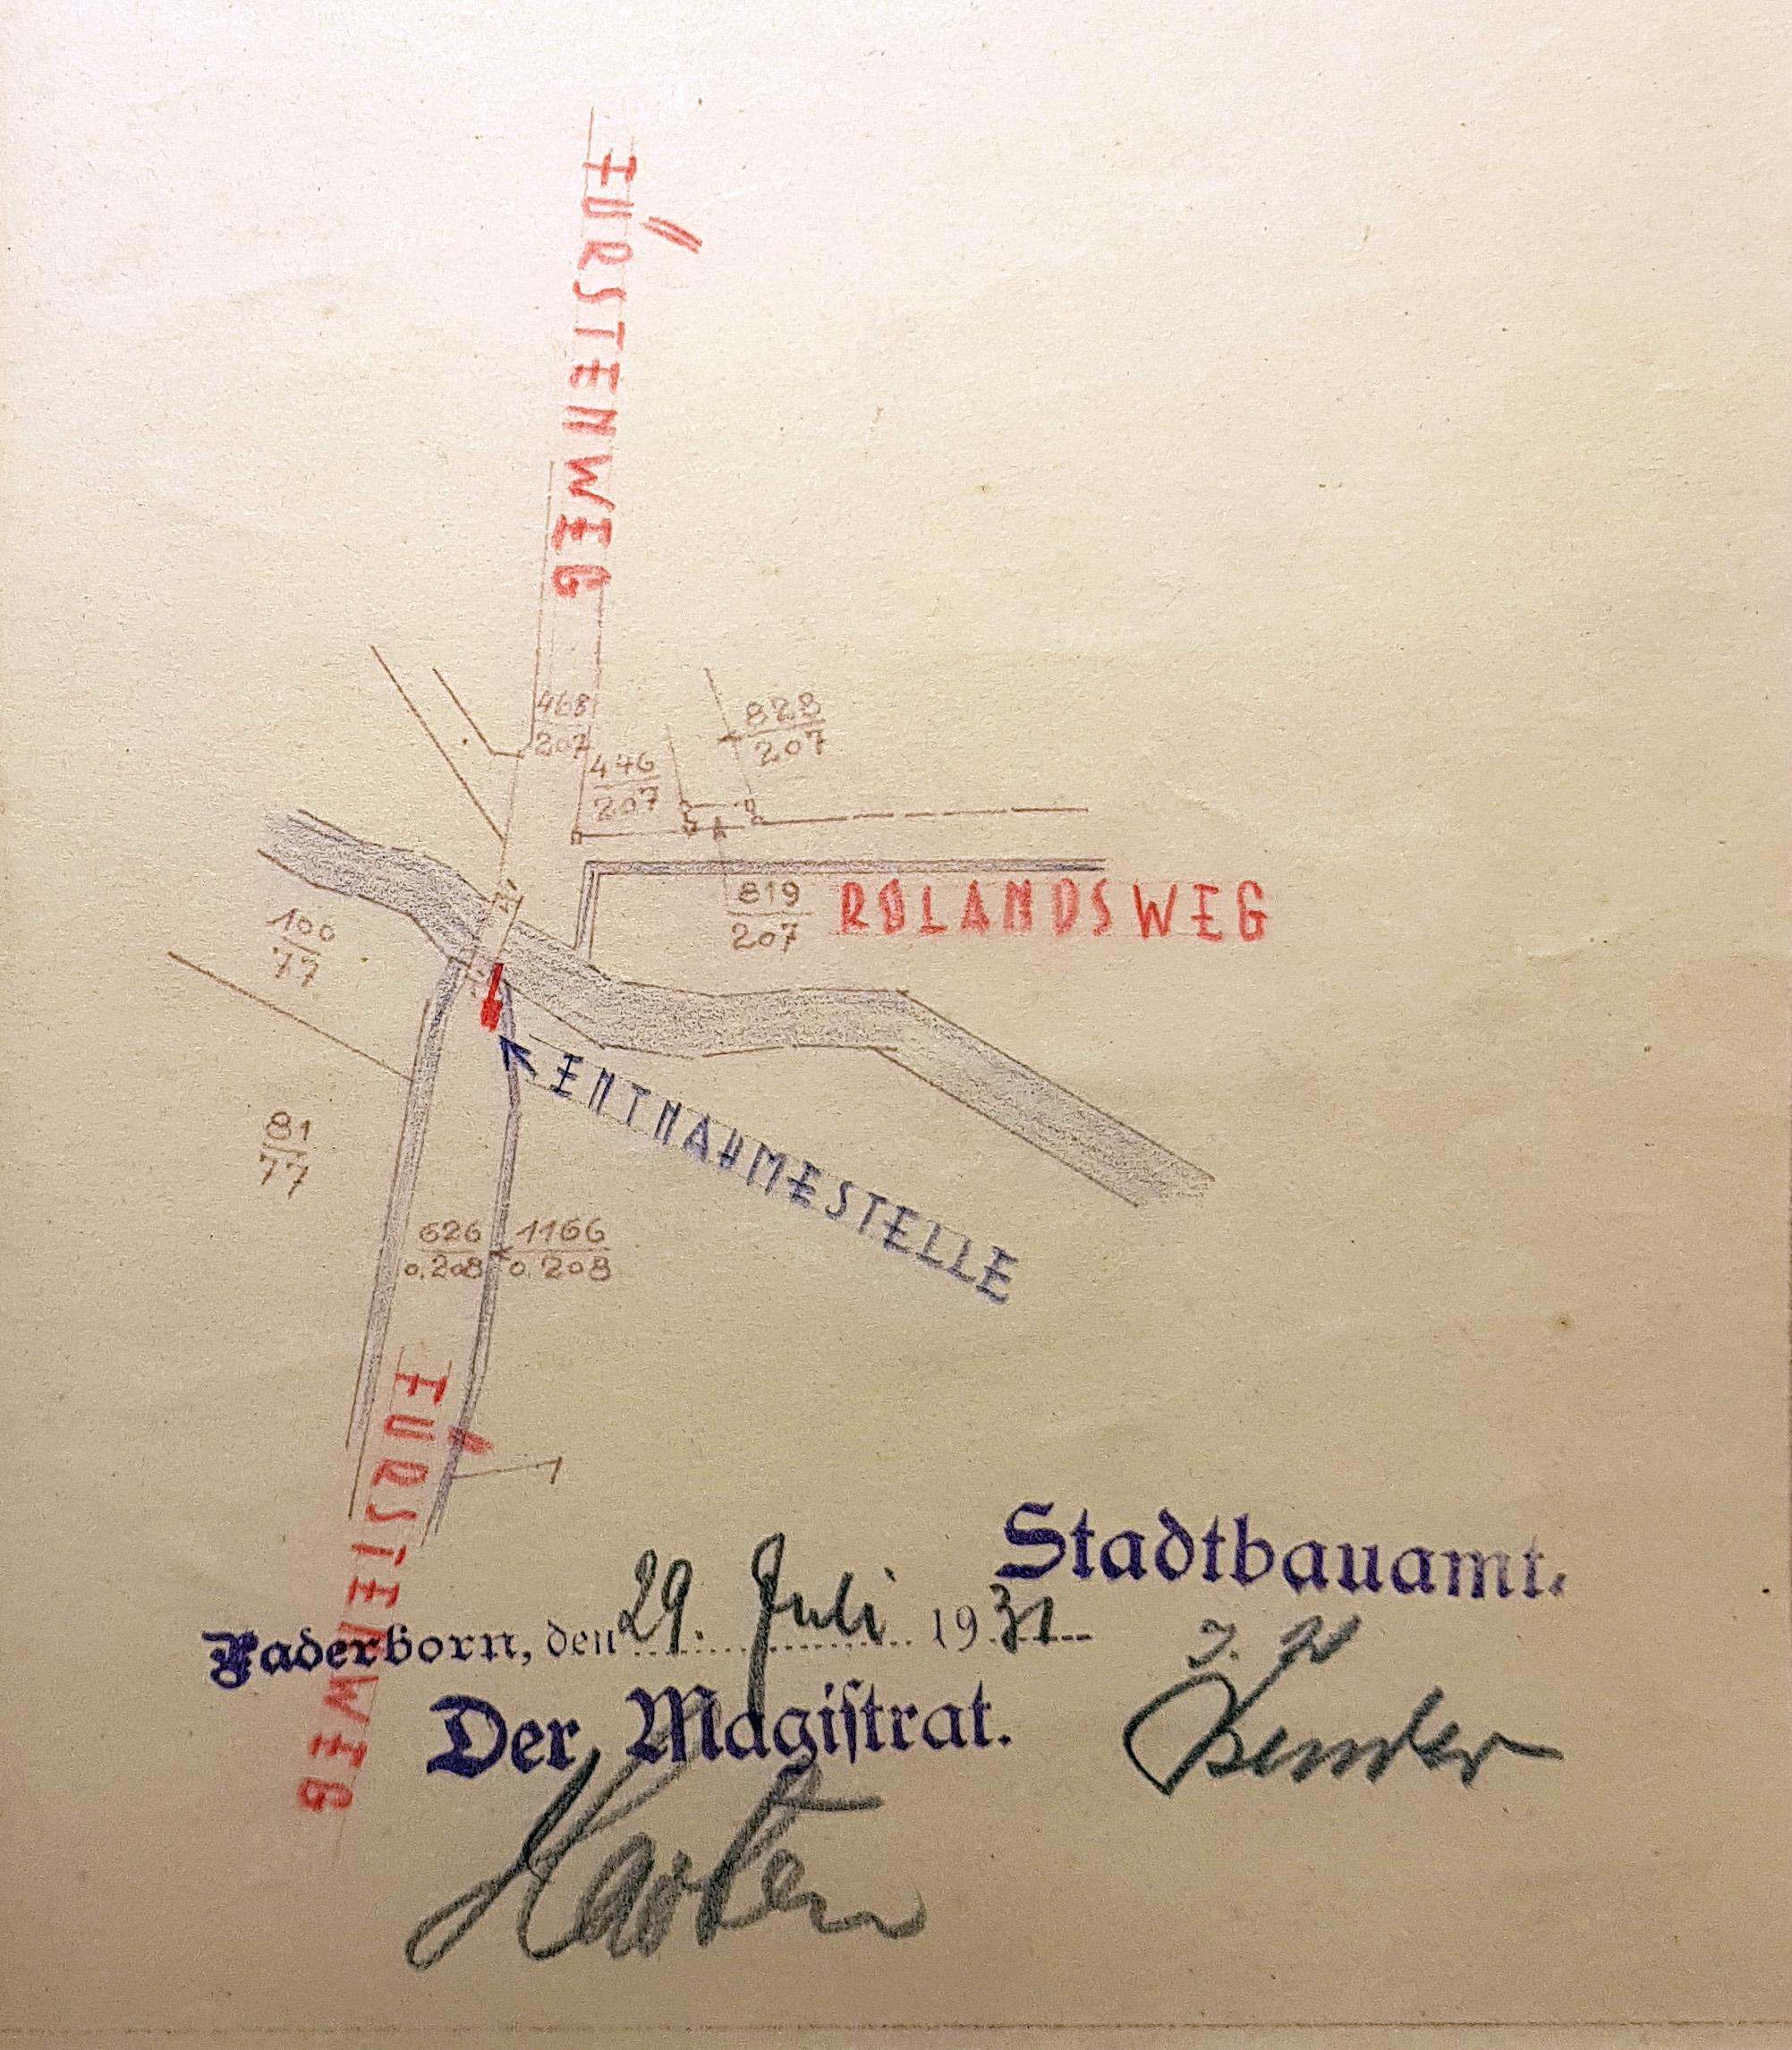 """Geplante Wasserentnahmestelle für den städtischen Motorsprengwagen an der """"Steinernen Brücke"""", Lageskizze 1931 (Stadt- und KreisA Pb, A 5551, unfol.)"""